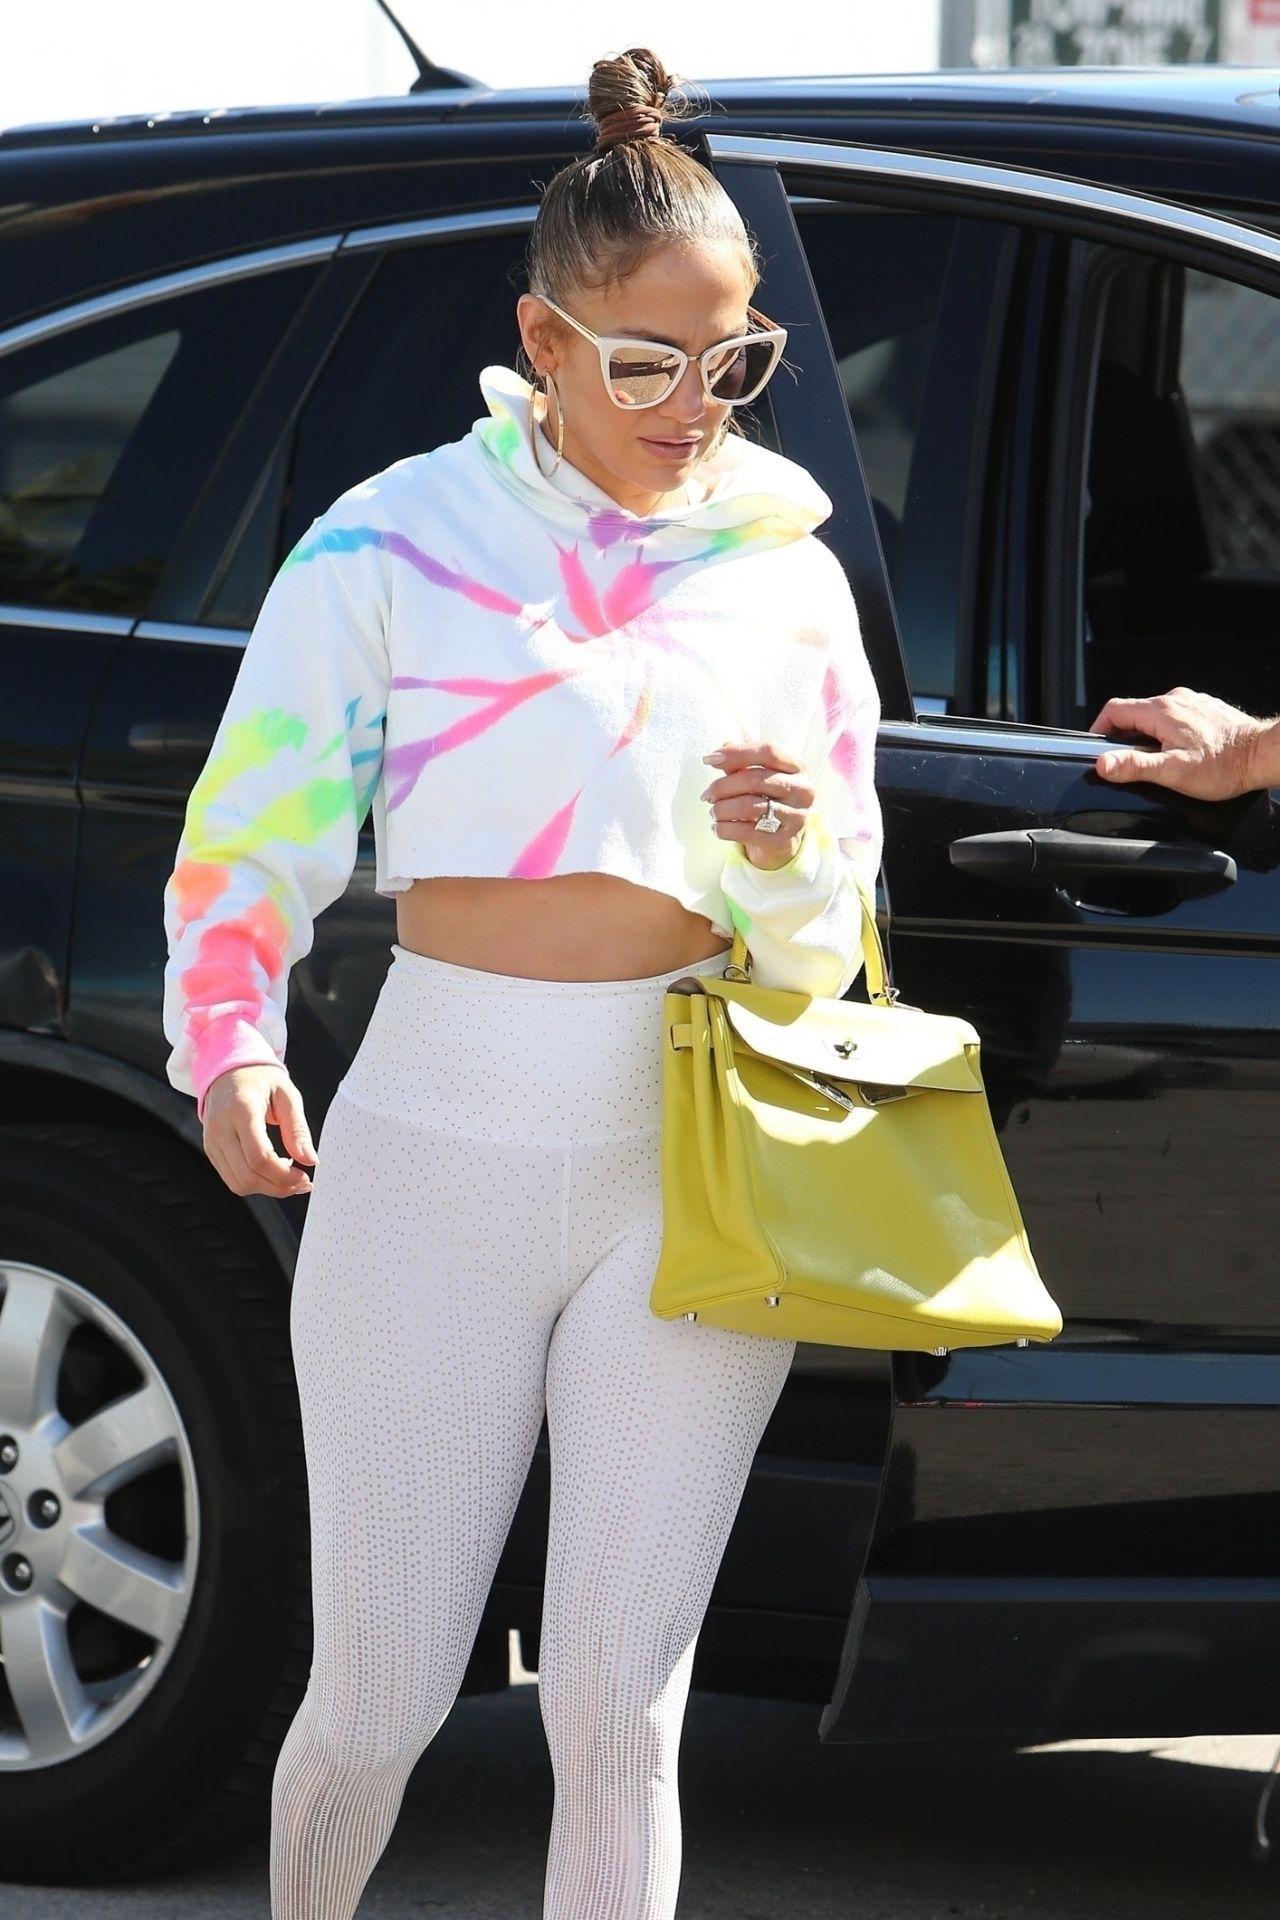 詹妮弗·洛佩兹(Jennifer Lopez)身着紧身裤-迈阿密01/21/2020